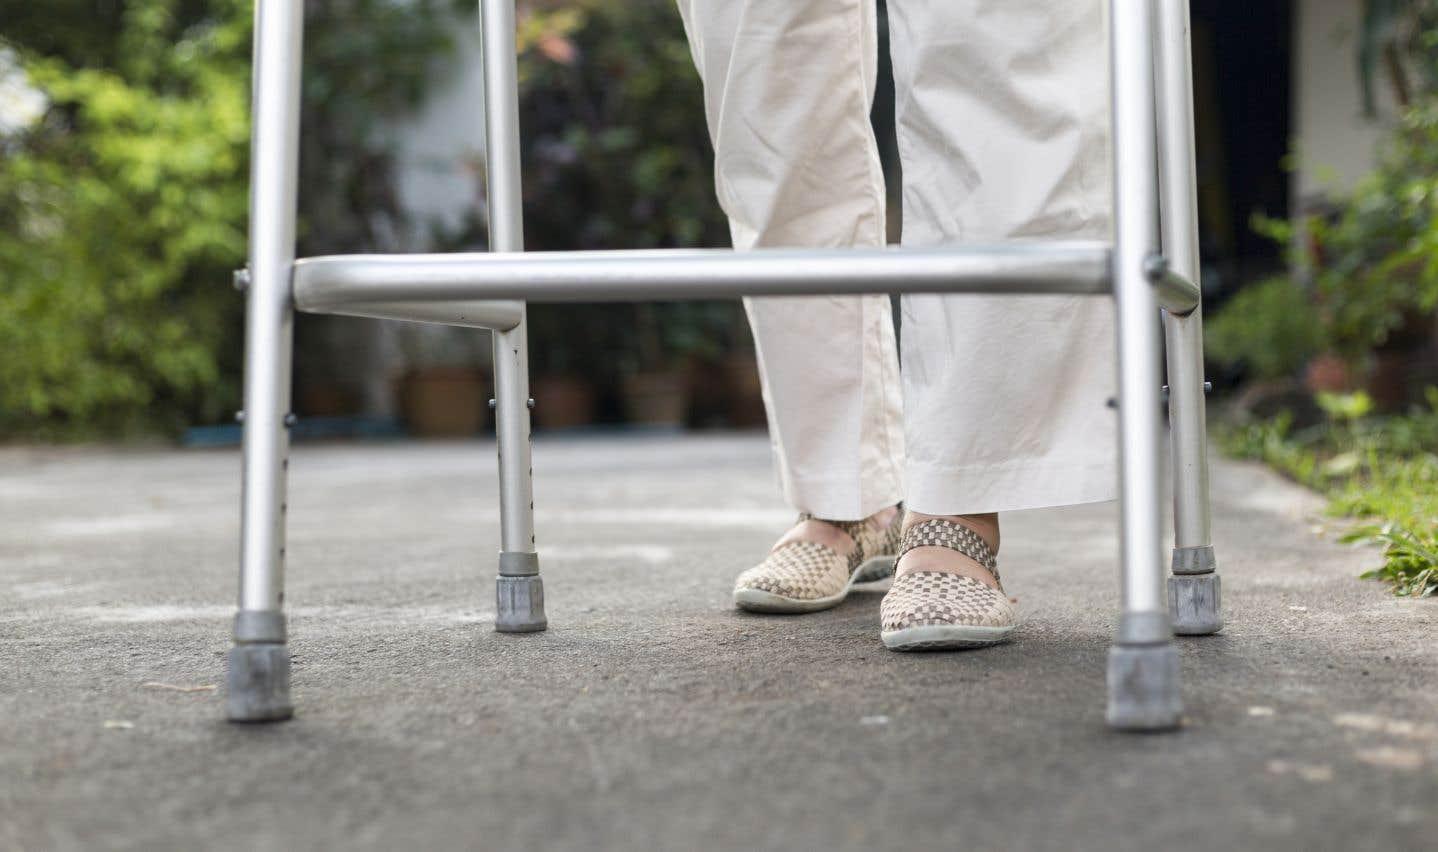 Quelles solutions viables pour maintenir en santé une population vieillissante?